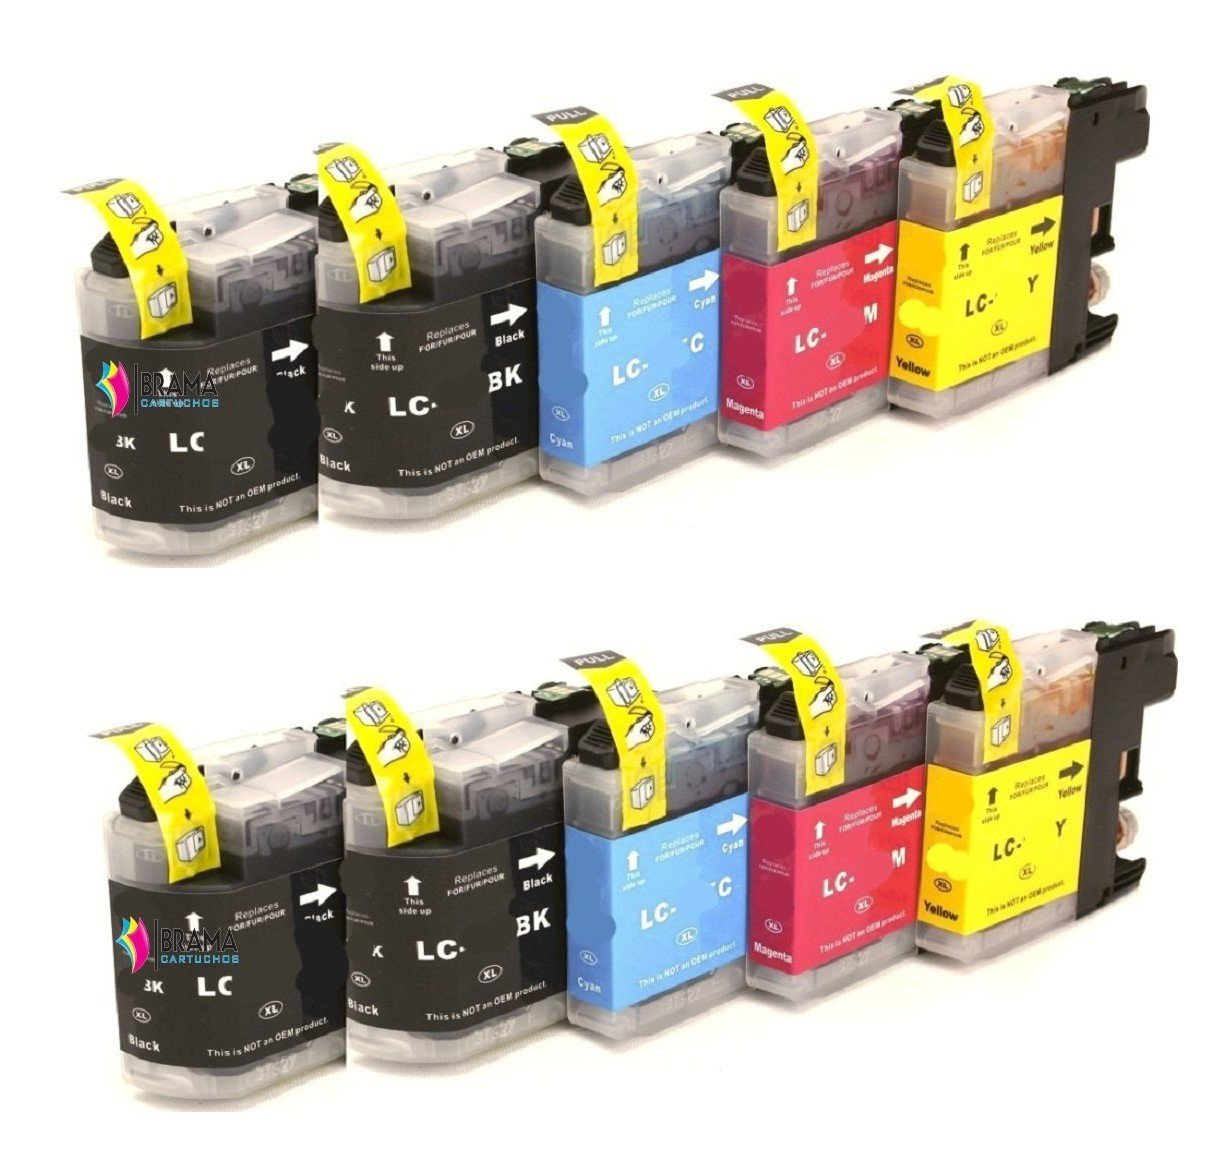 Bramacartuchos - 10 x Cartuchos compatibles para Brother Lc121 ...